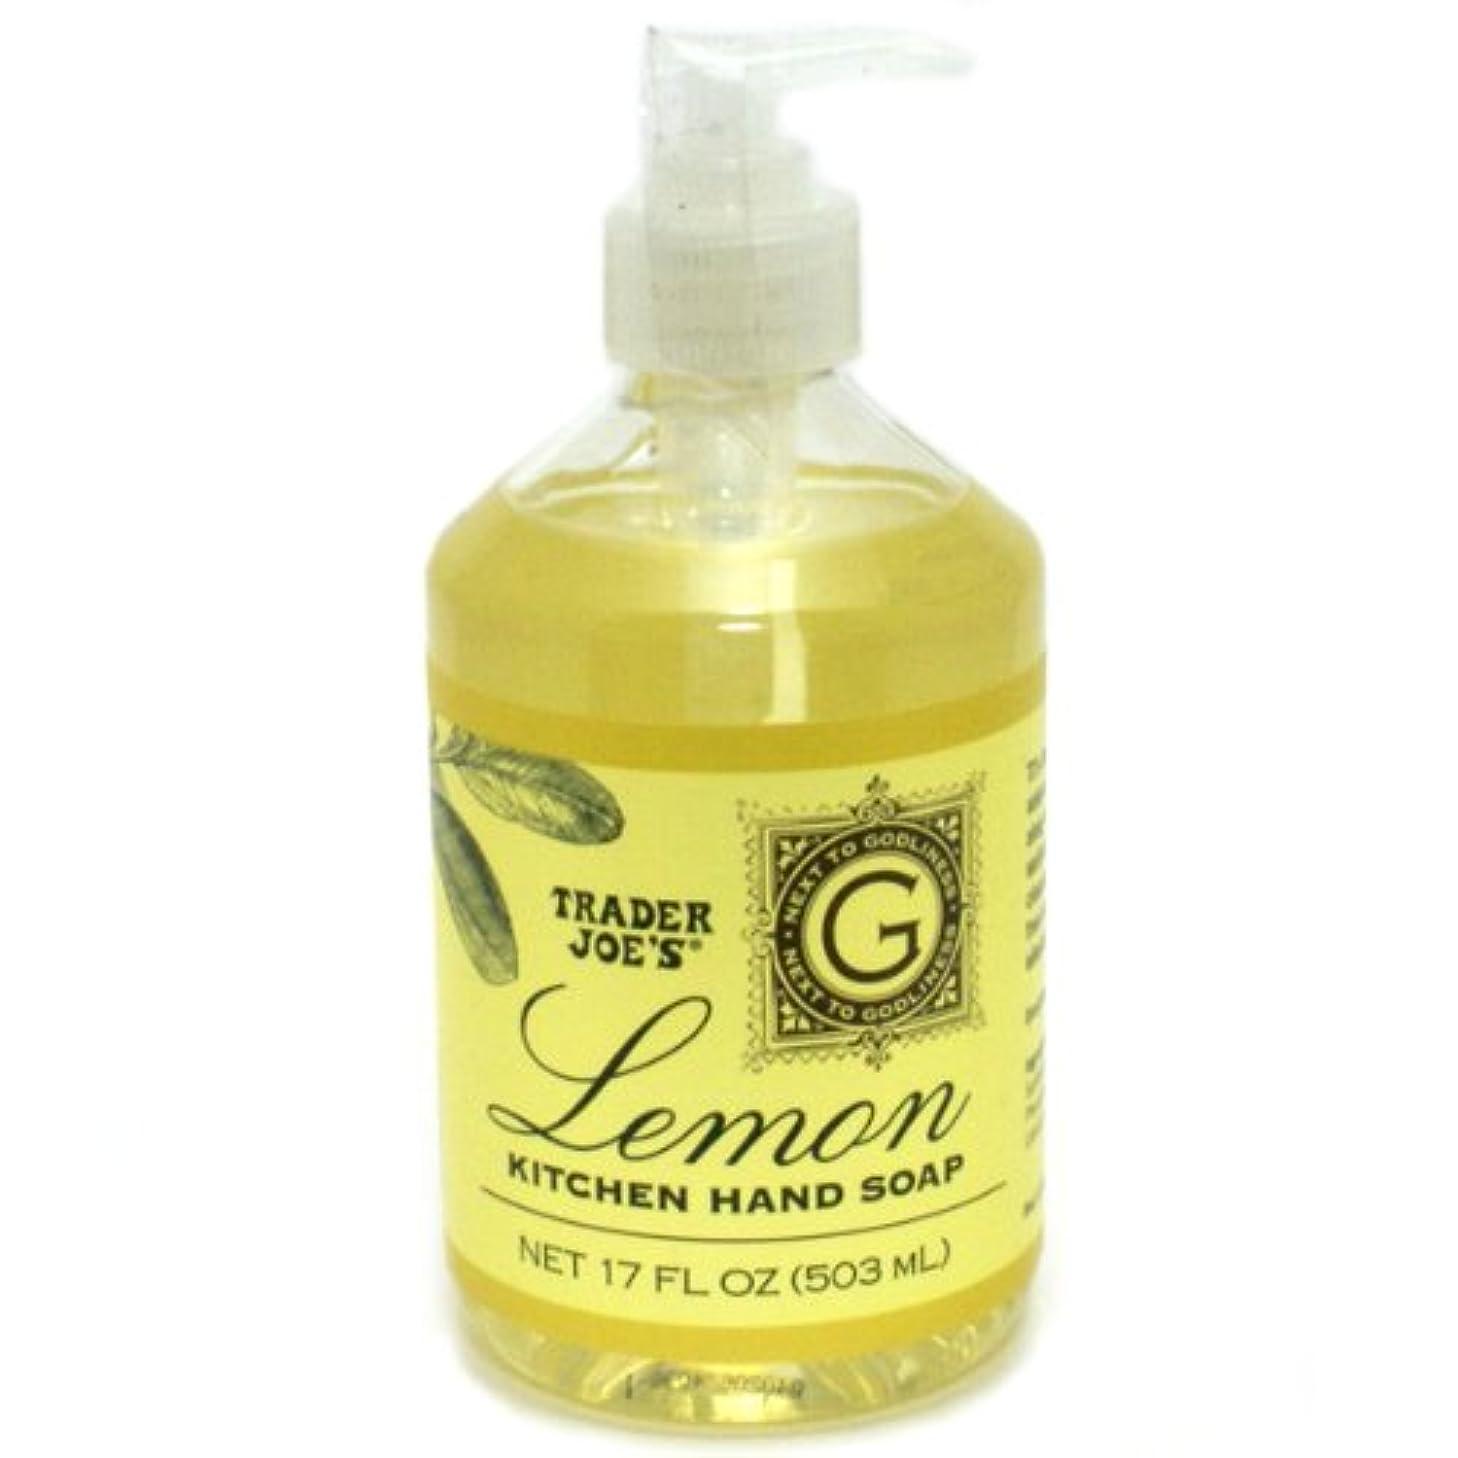 圧倒する驚いた与えるTrader Joe's トレーダージョーズ KITCHEN HAND SOAP Lemon レモン キッチンハンドソープ [並行輸入品]